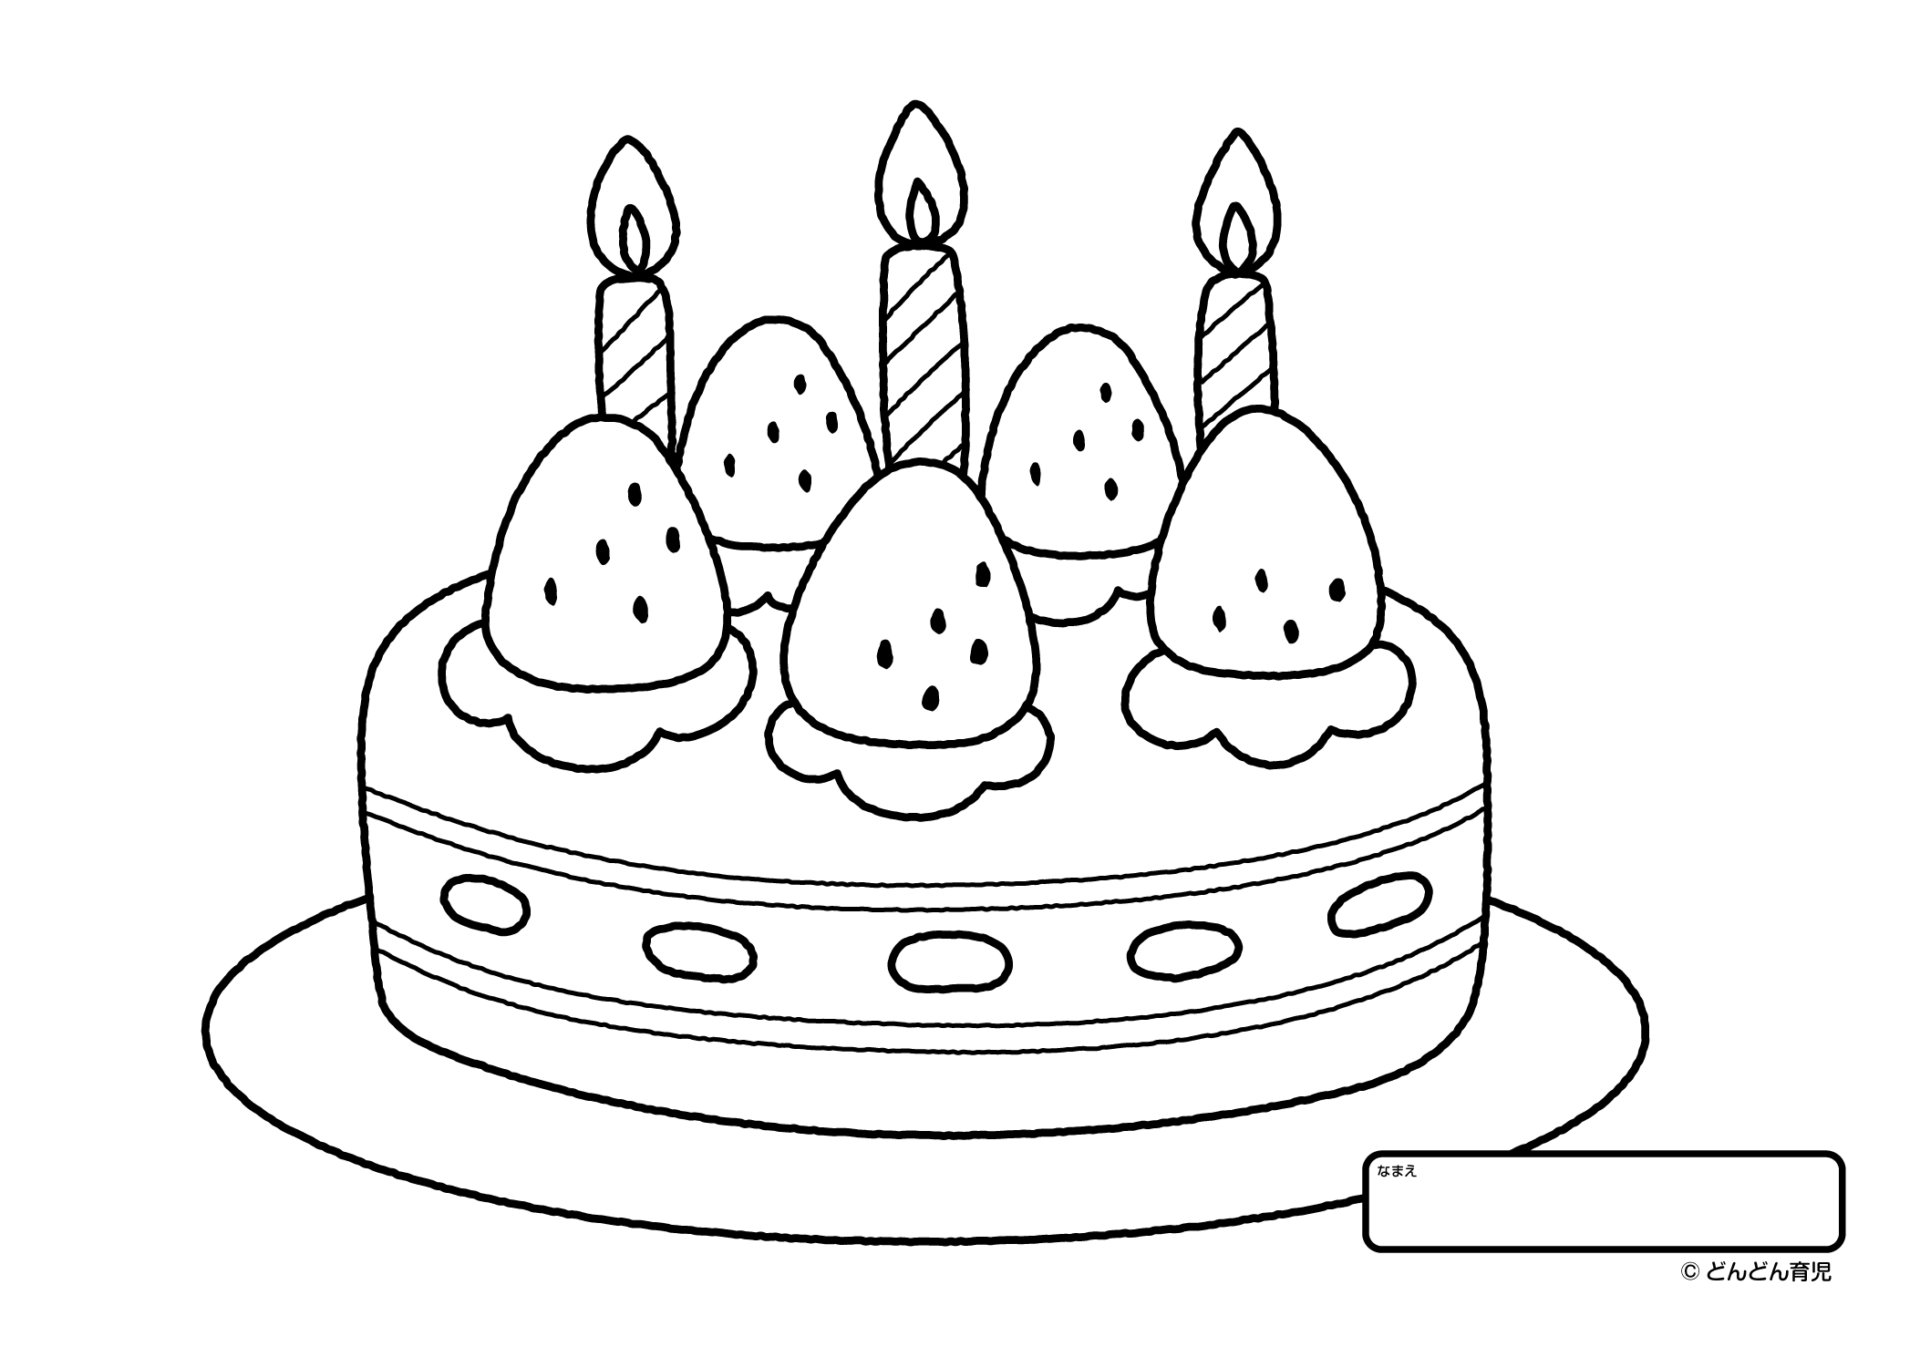 ぬりえ ケーキ